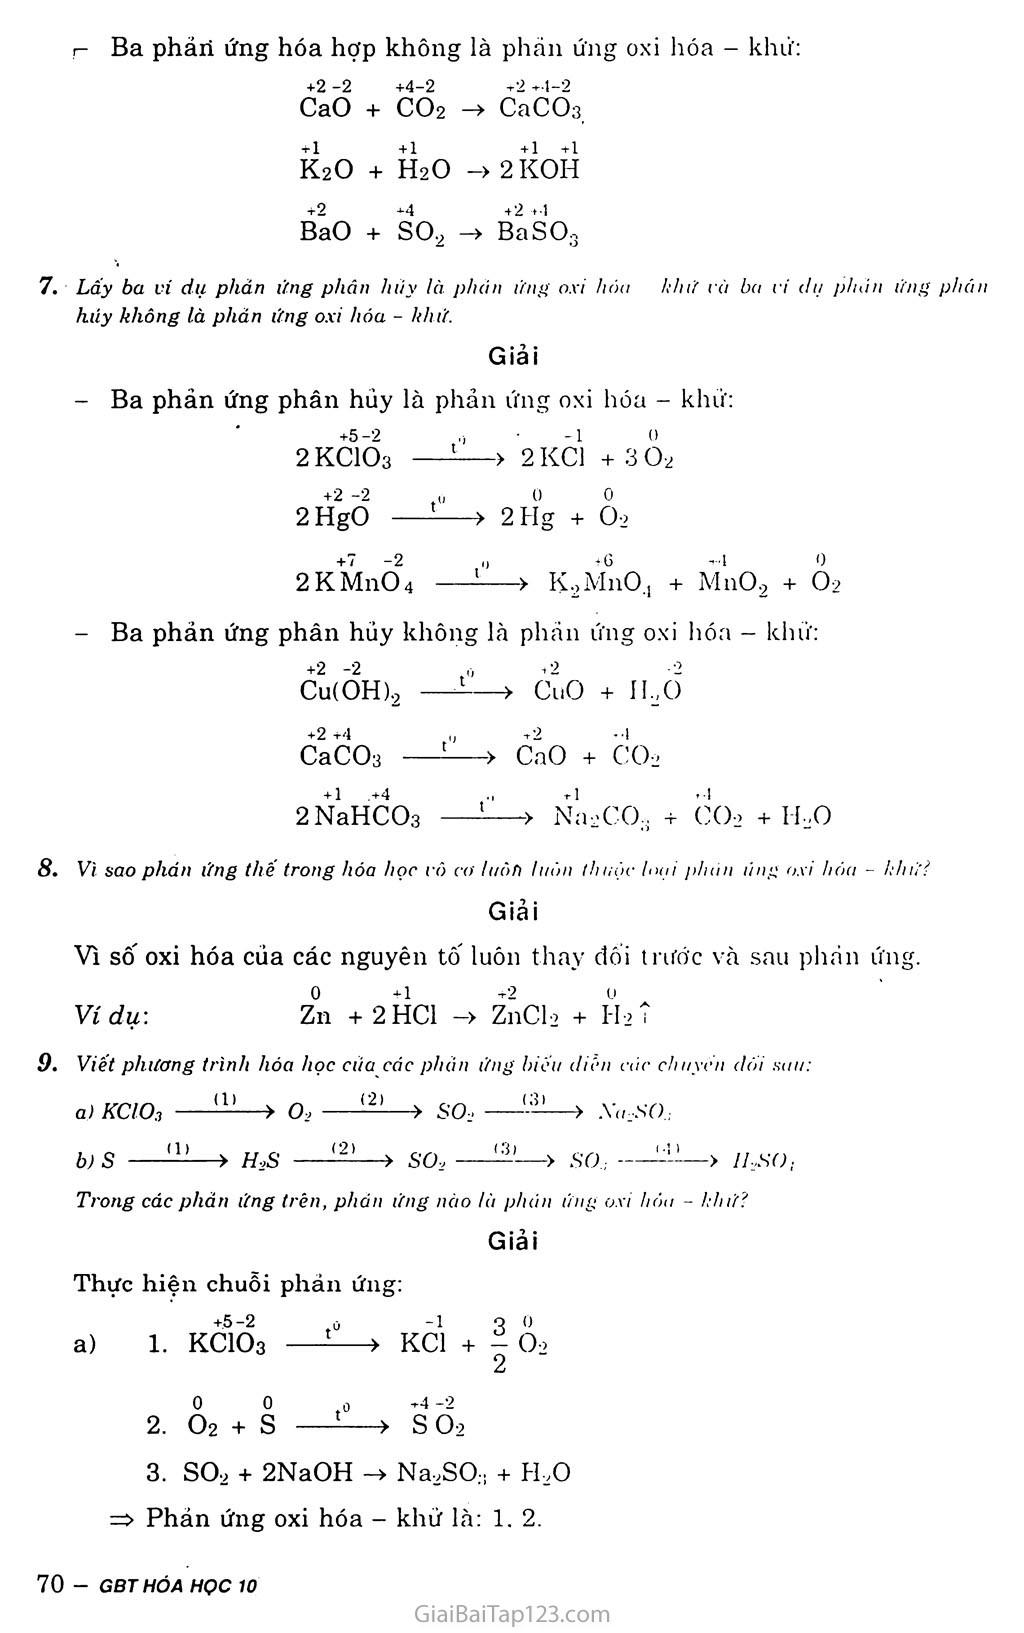 Bài 18: Phân loại phản ứng trong hóa học vô cơ trang 4